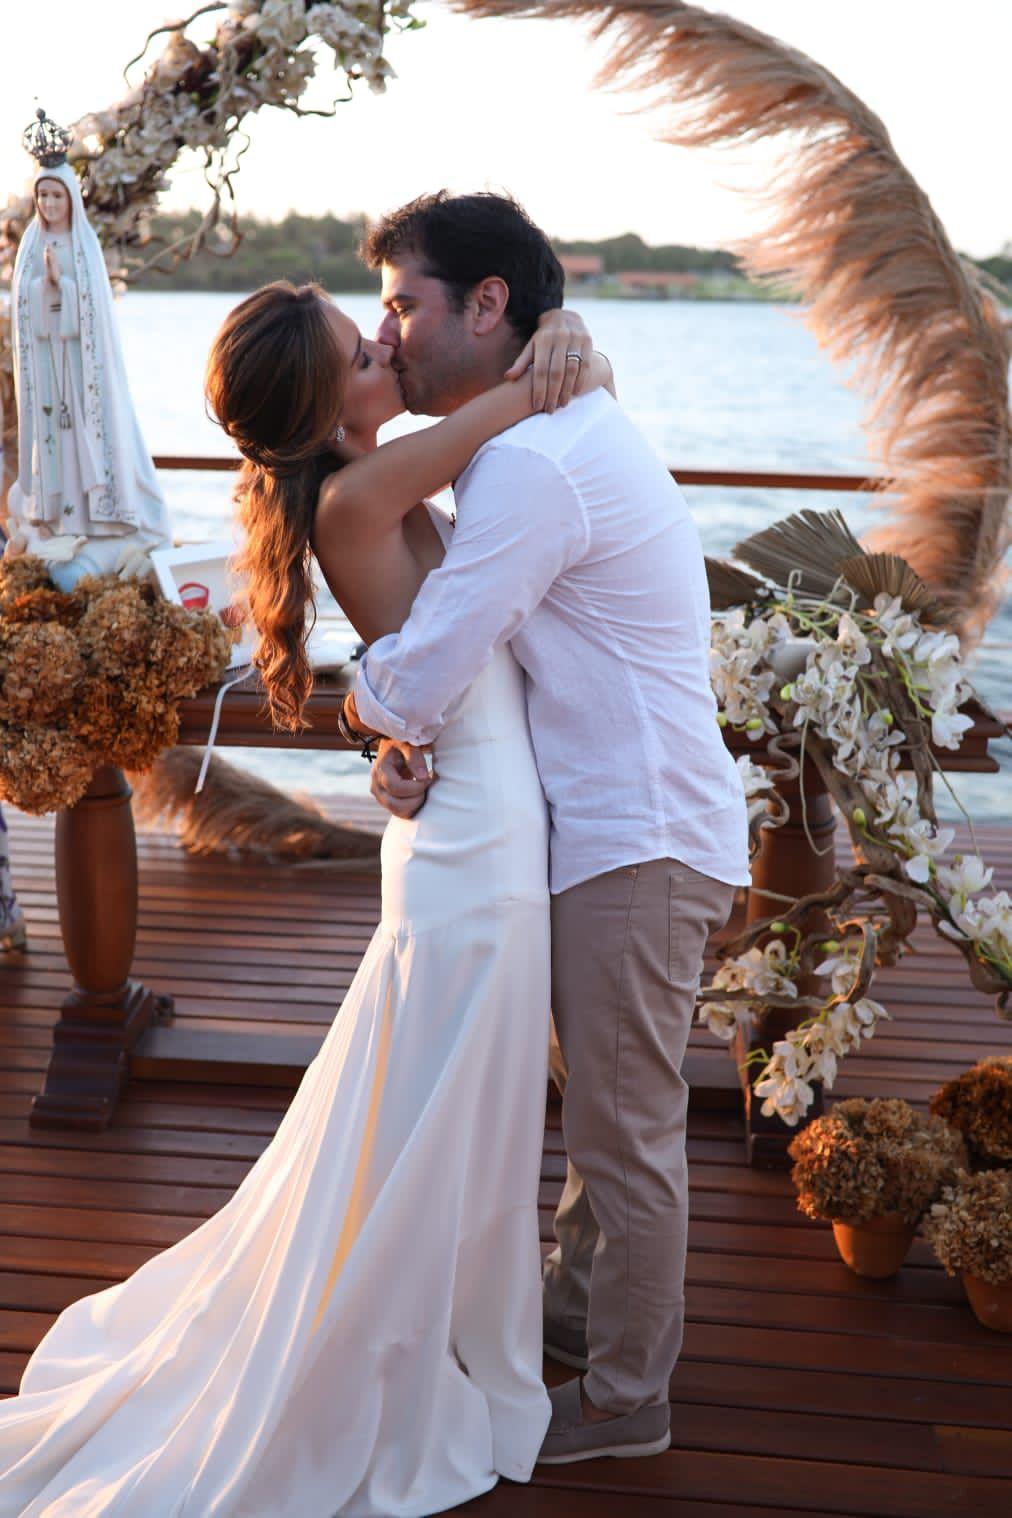 Marina Brasil e Ronaldo Aguiar selaram a união na Lagoa do Uruaú (Foto: Arquivo pessoal)